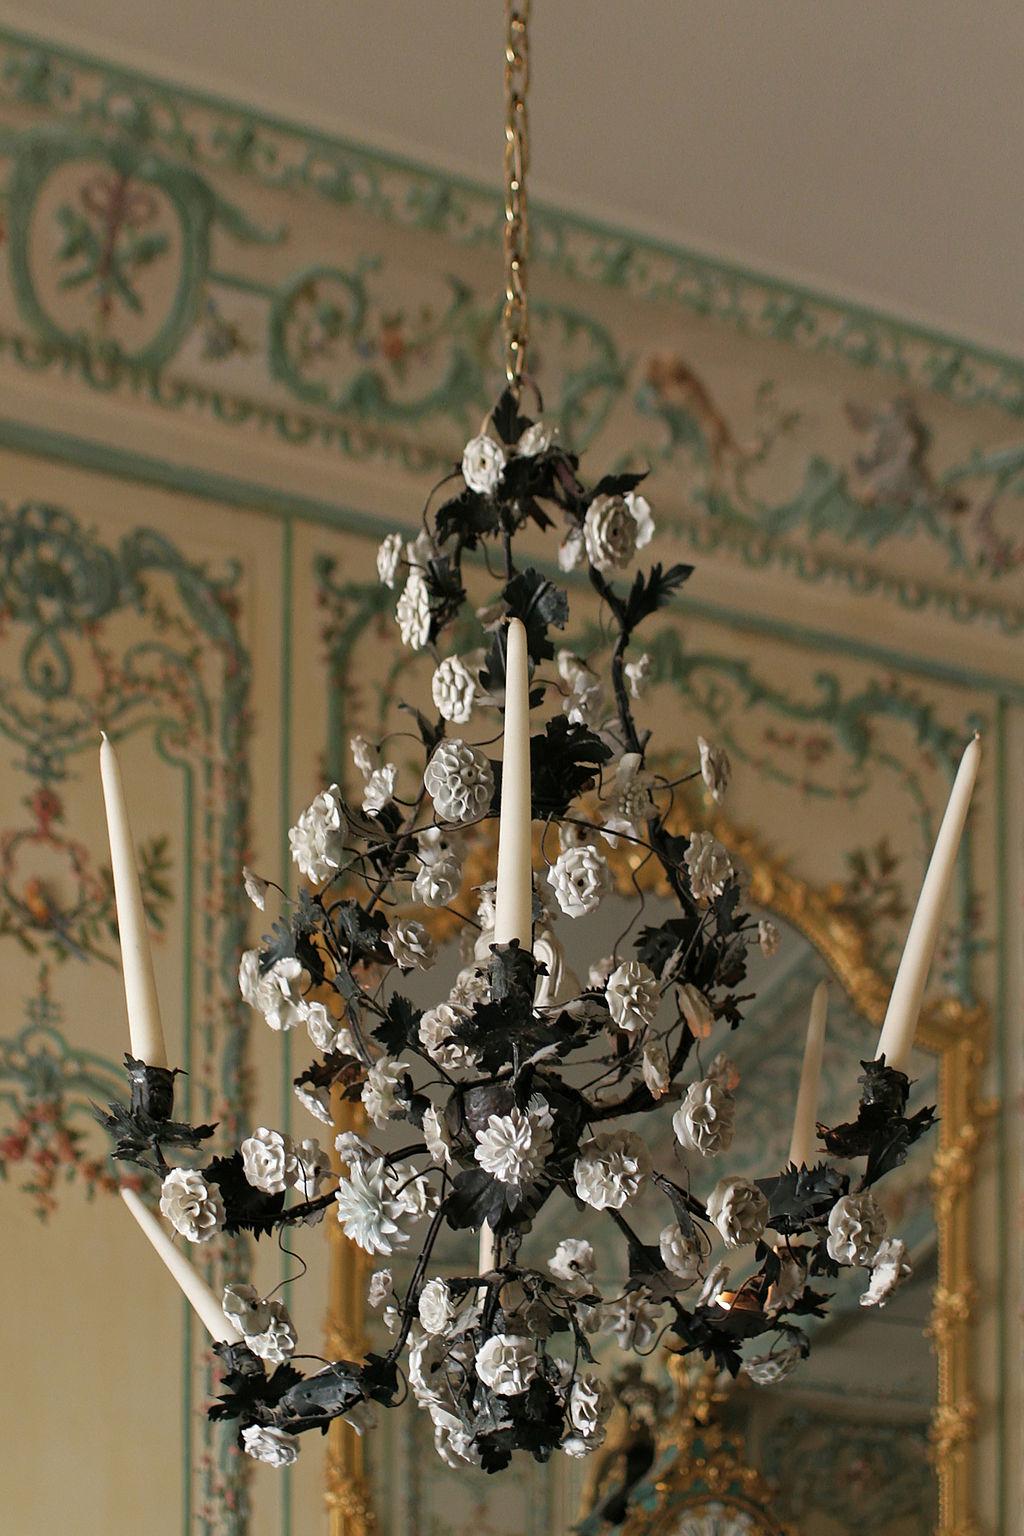 Château de Versailles, appartements de la Dauphine, cabinet intérieur, lustre 01.jpg